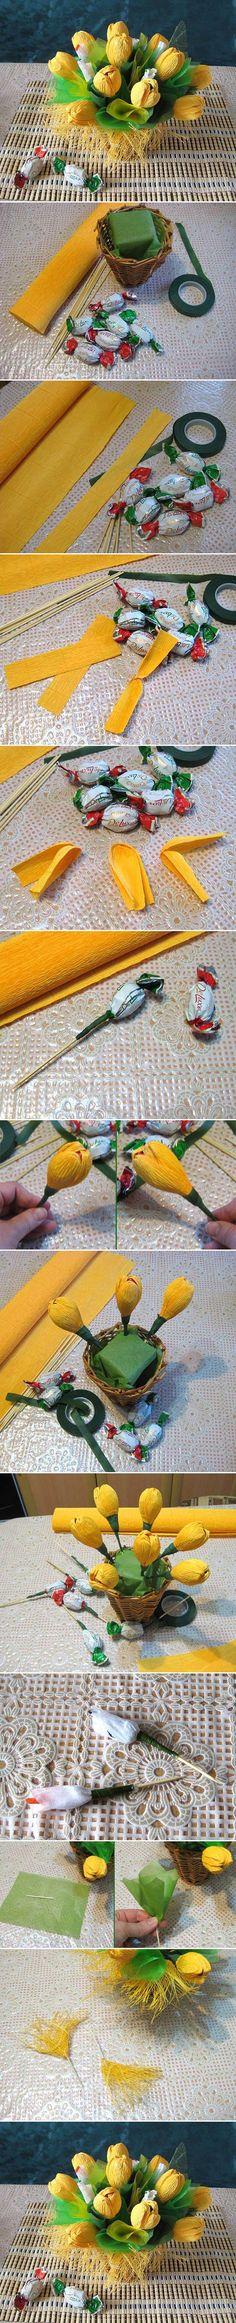 Artes com Capricho: Flores feito com papel- PAP                                                                                                                                                                                 Mais